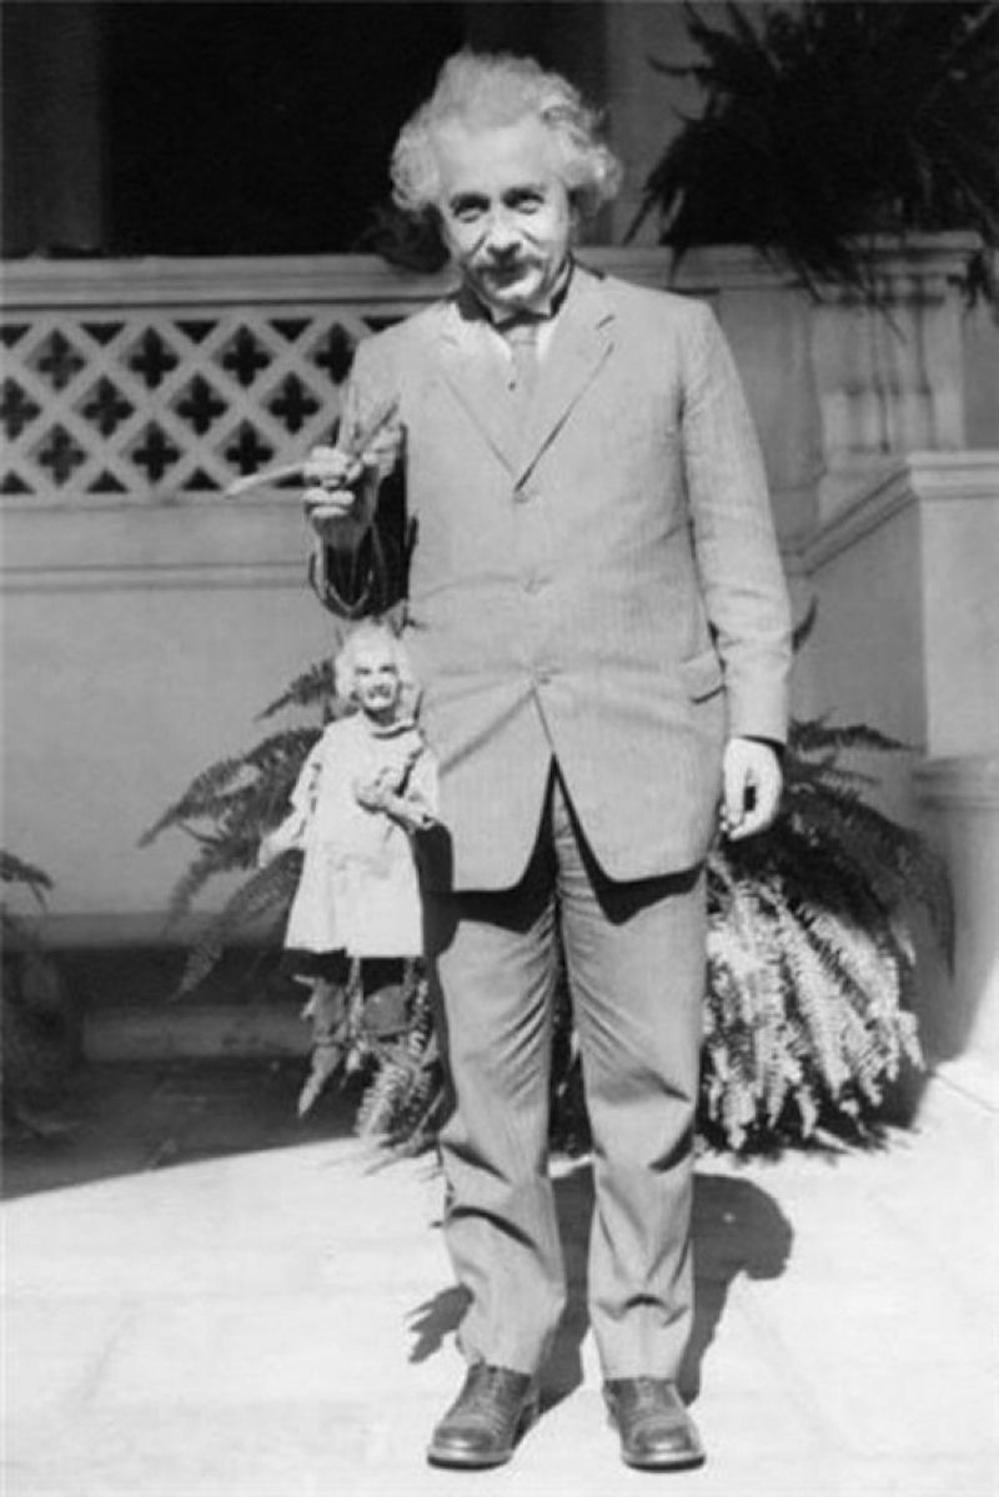 albert einstein holding an albert einstein puppet circa 1931 einstein puppet